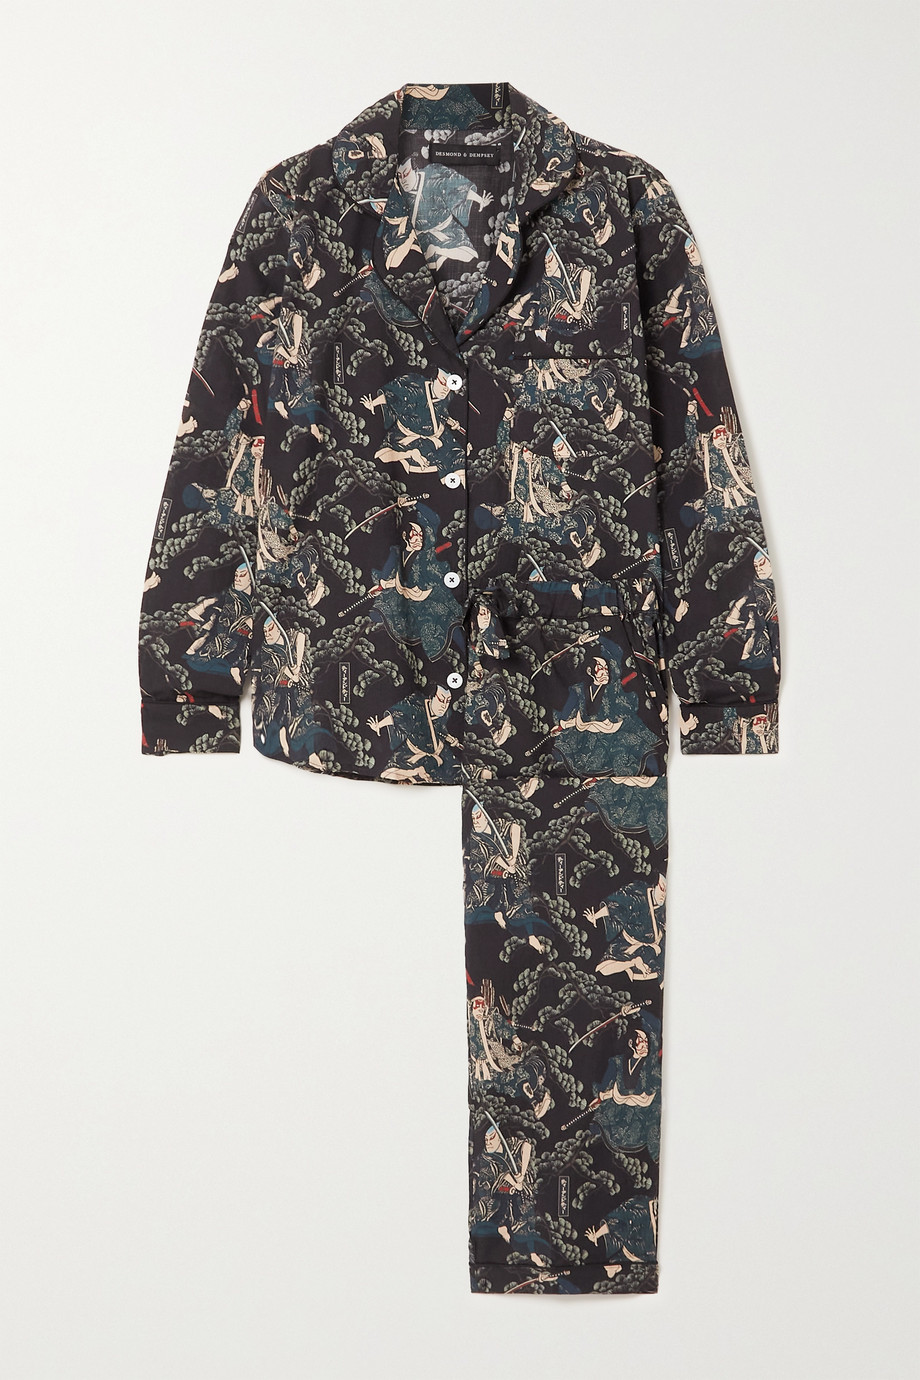 Desmond & Dempsey + Rie Takeda Pyjama aus bedruckter Biobaumwolle